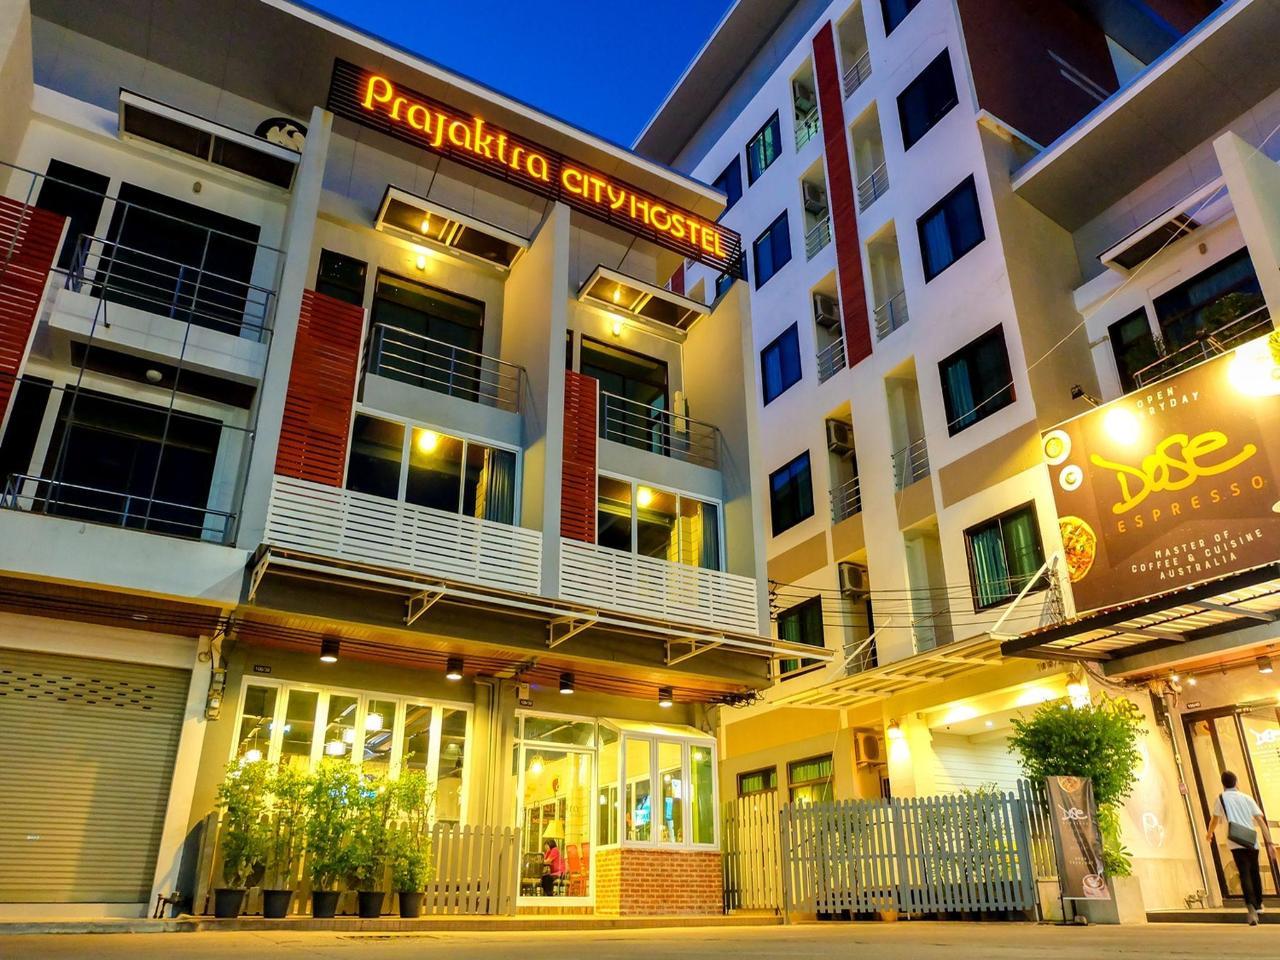 ประจักษ์ตรา ซิตี้ โฮสเทล (Prajaktra City Hostel )